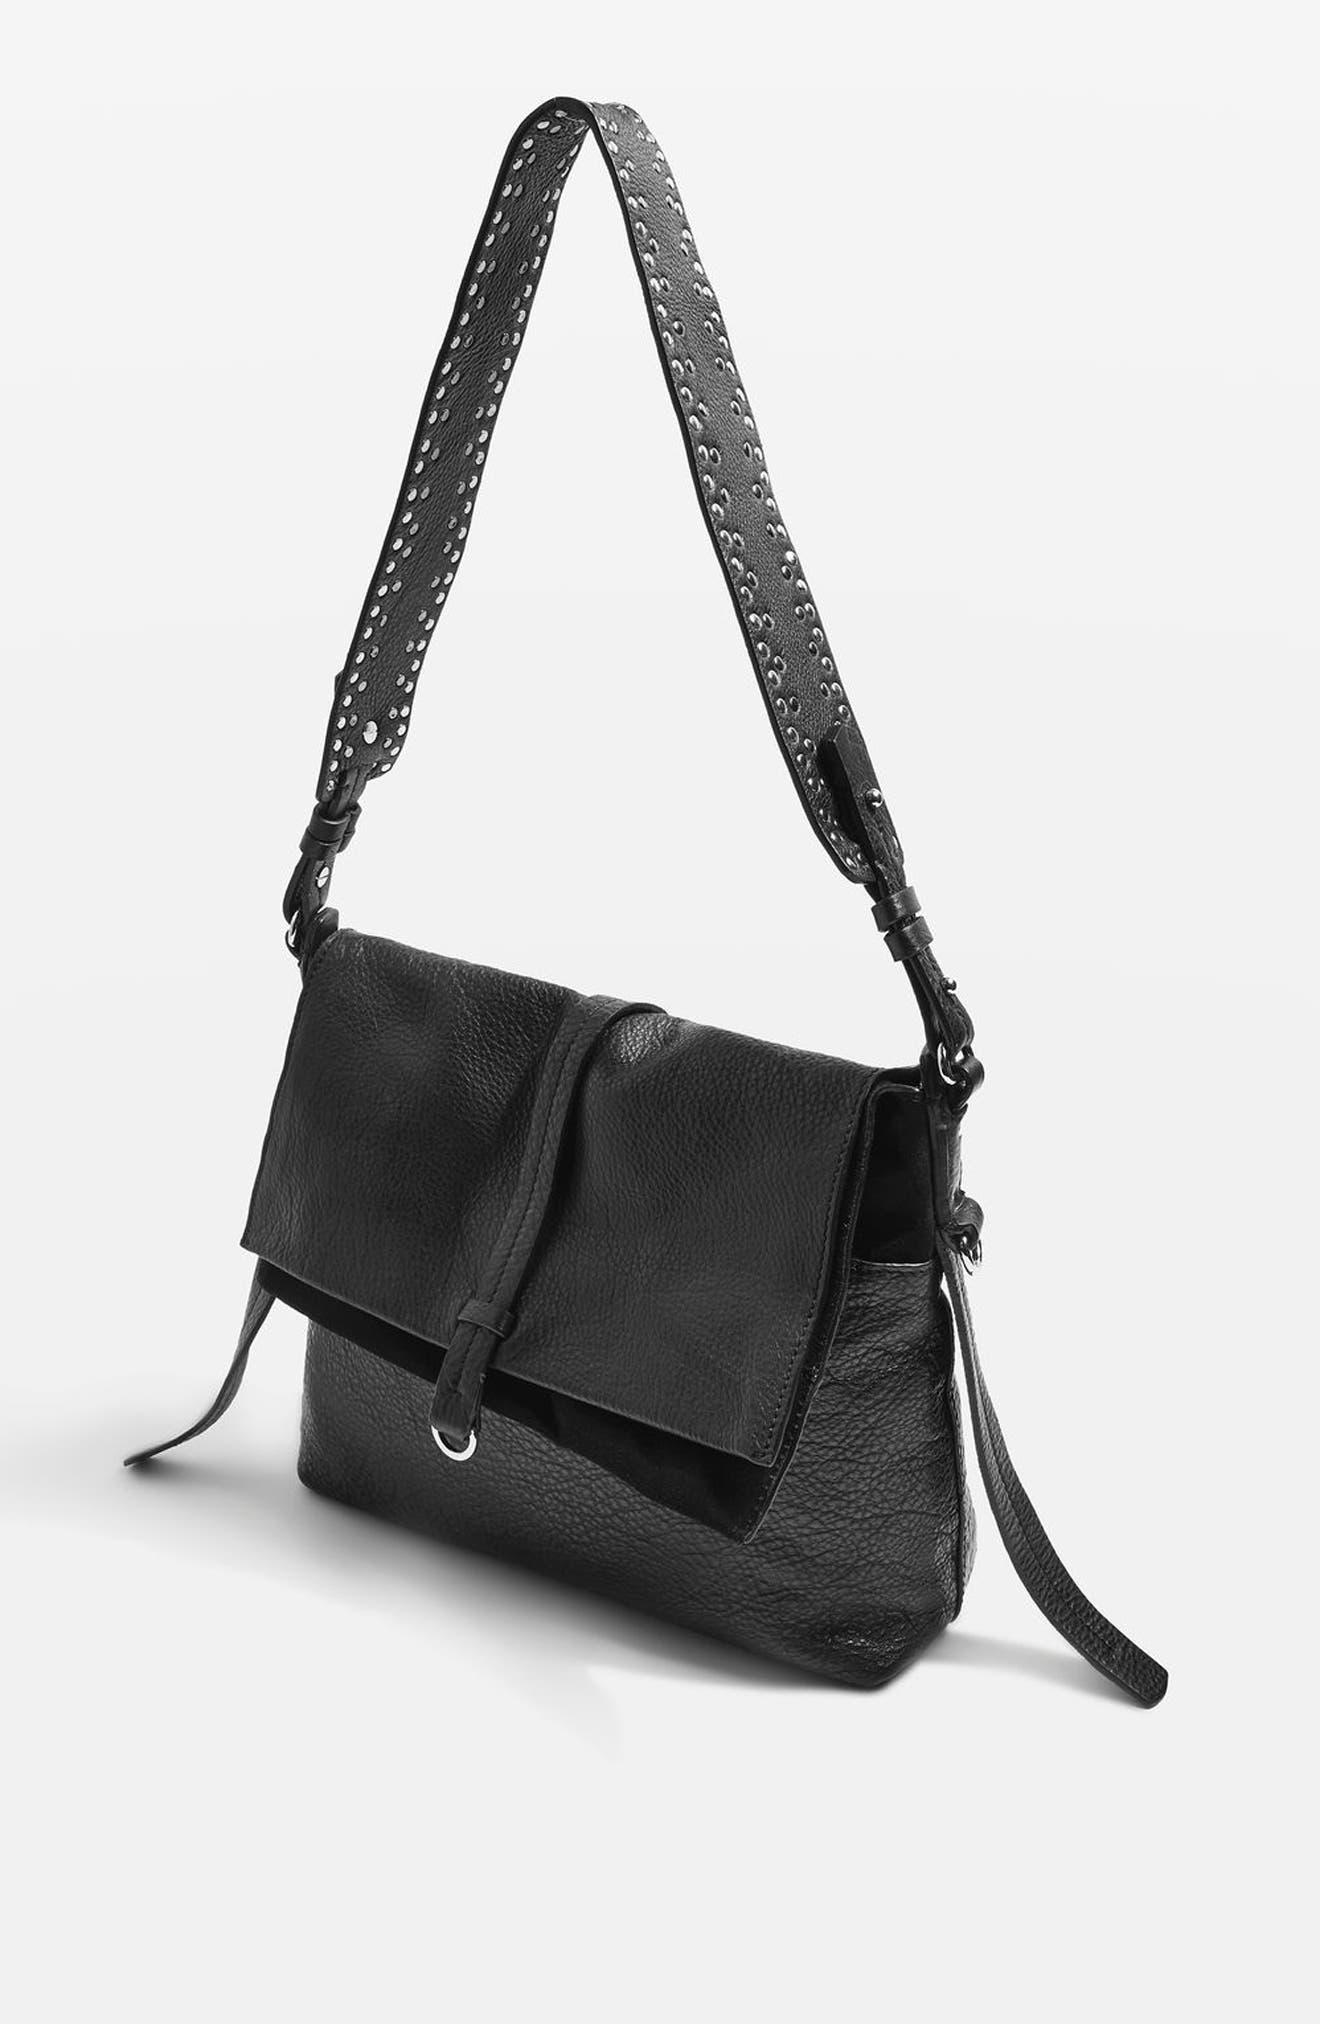 Premium Leather Studded Calfskin Hobo Bag,                             Alternate thumbnail 4, color,                             Black